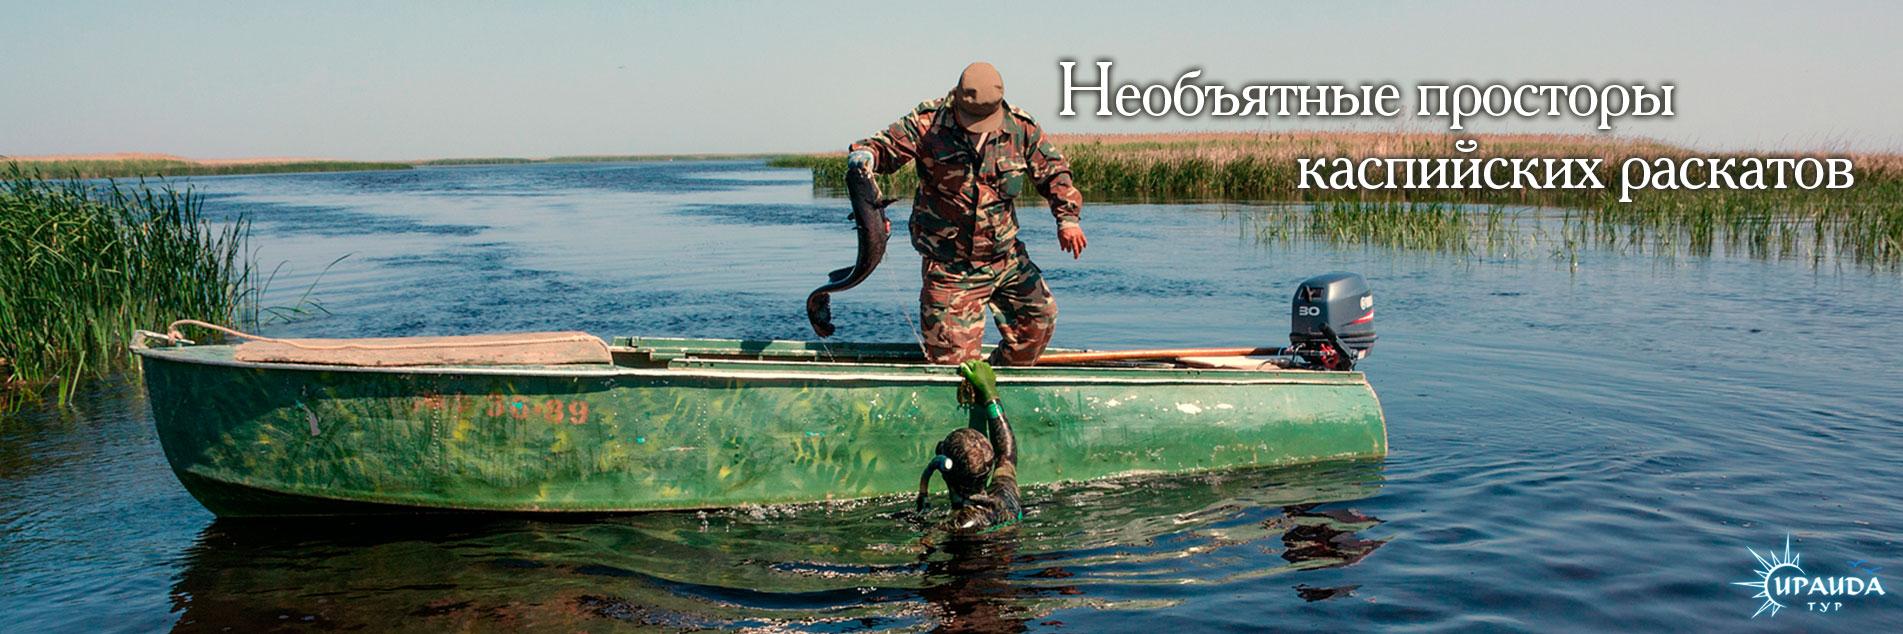 ищу попутчика на рыбалку на волгу